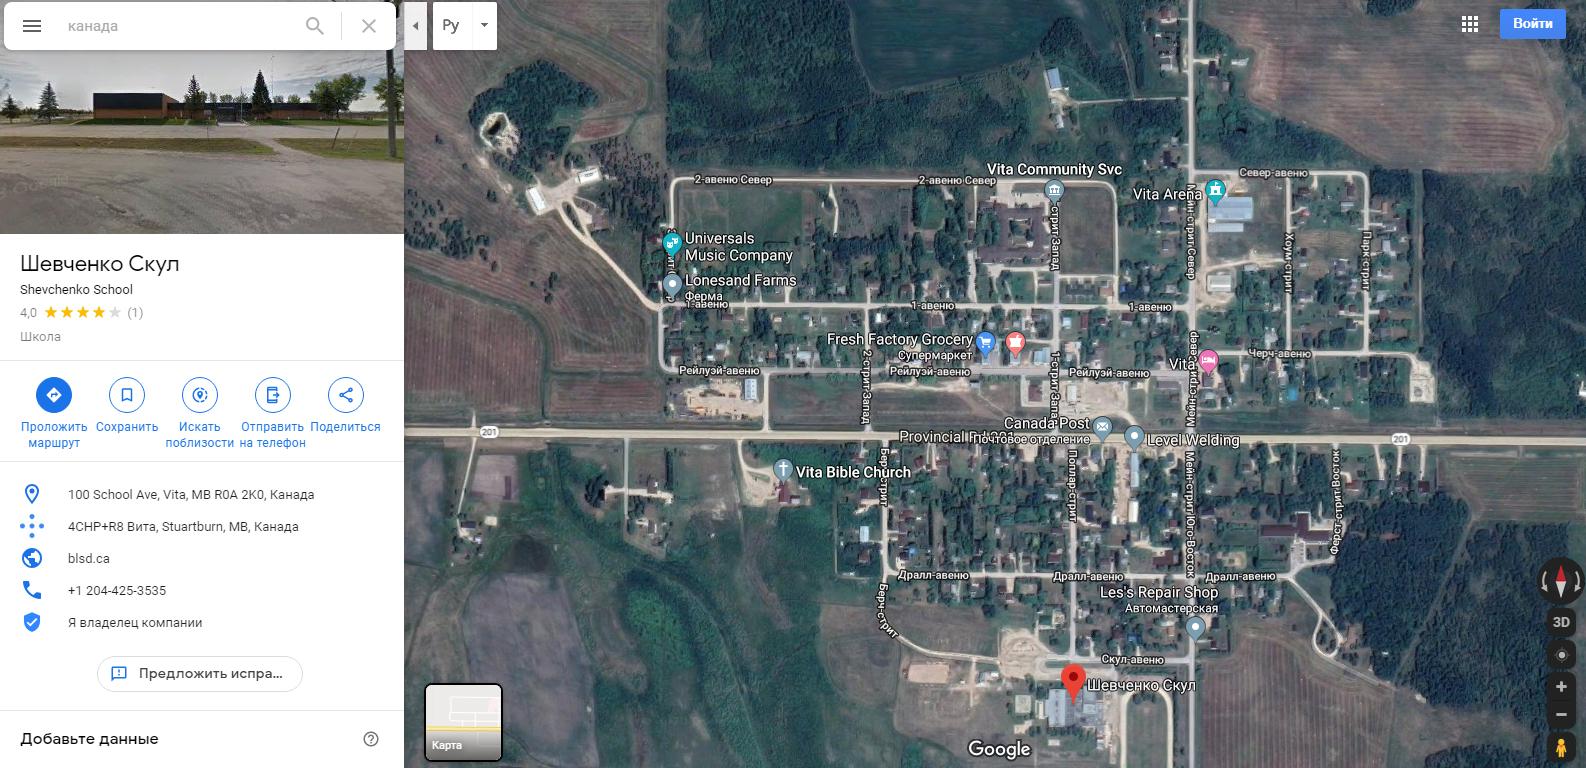 word image 170 Разработка методических рекомендаций по реализации проектов комплексного обустройства площадок под компактную жилищную застройку в сельских населенных пунктах